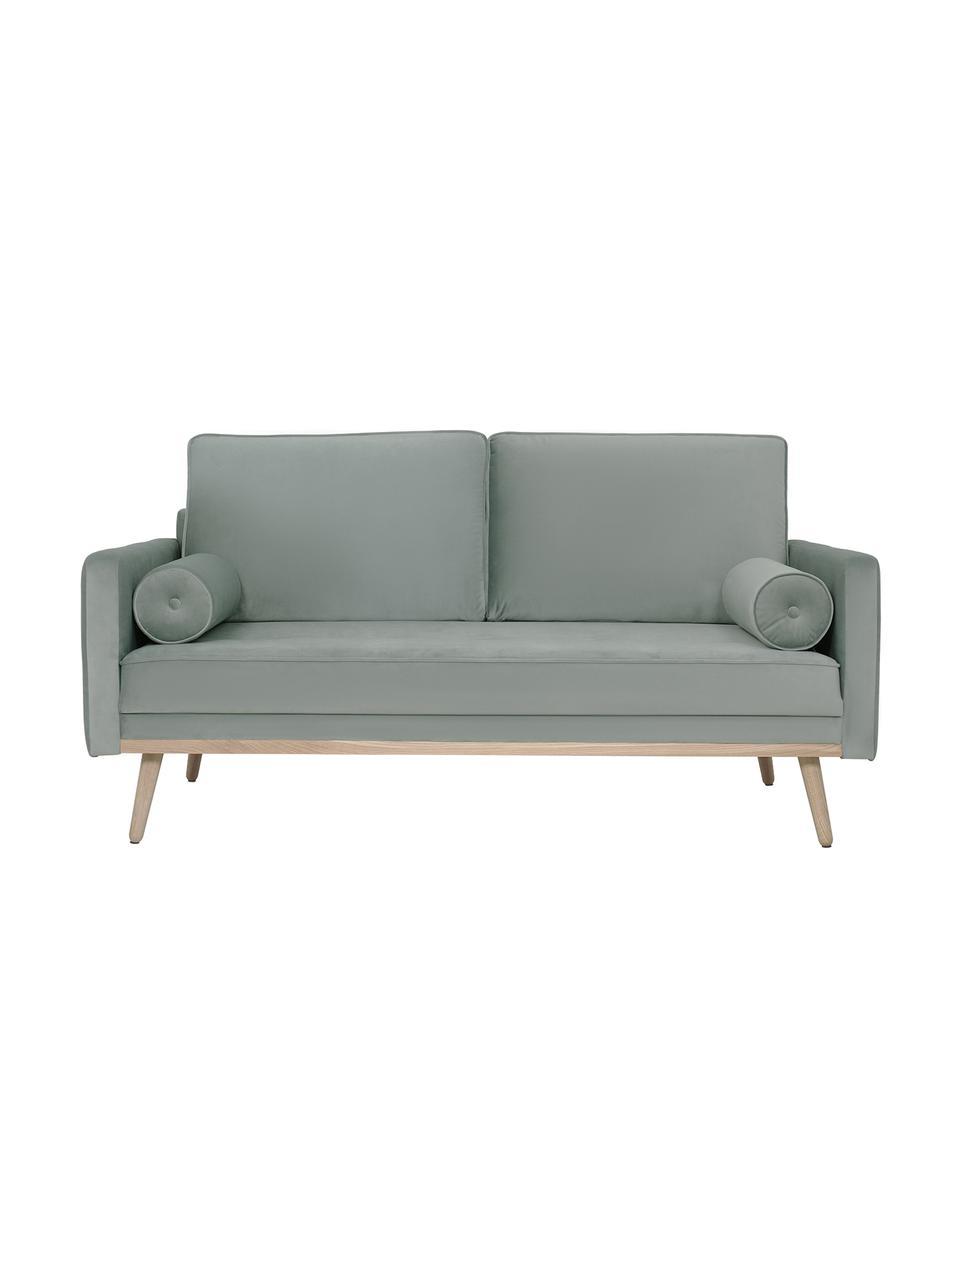 Sofa z aksamitu z nogami z drewna dębowego Saint (2-osobowa), Tapicerka: aksamit (poliester) Dzięk, Aksamitny odcień szałwii, S 169 x G 87 cm